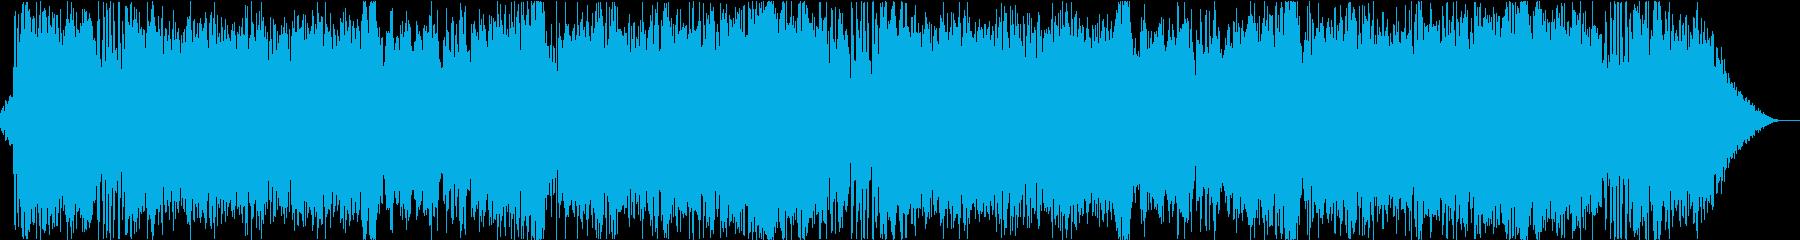 戦闘BGM向け疾走的オーケストラの再生済みの波形